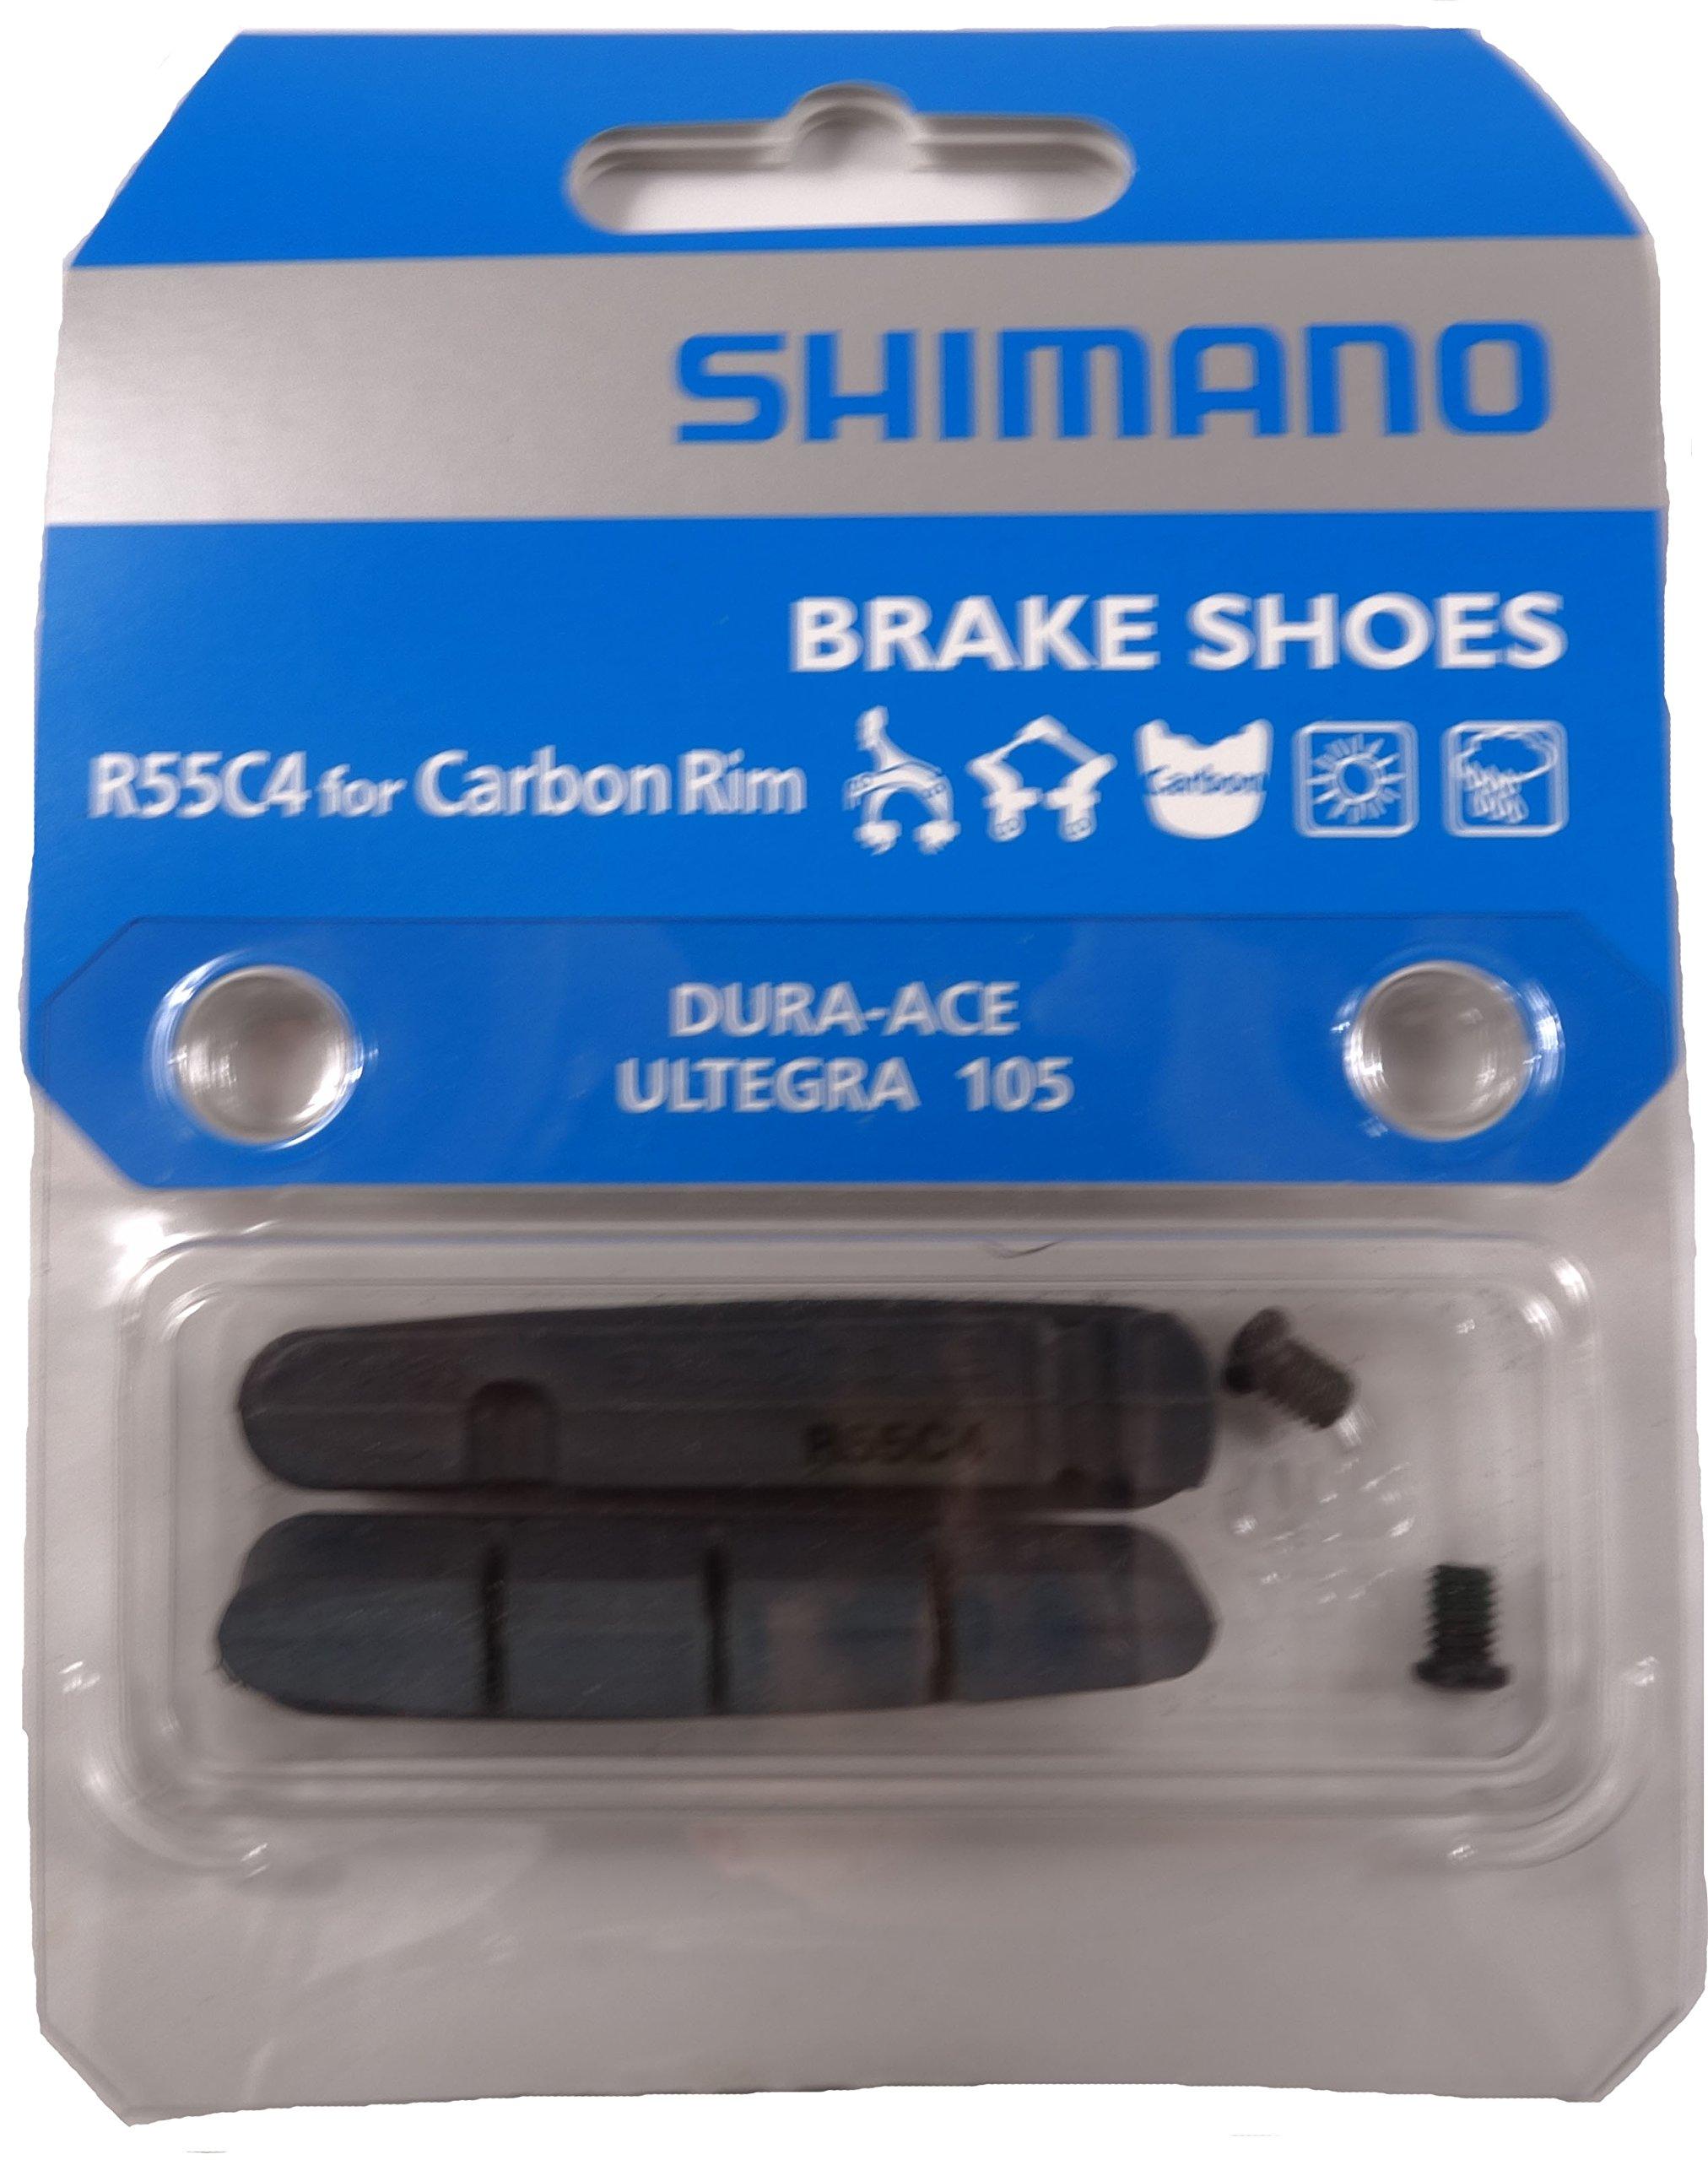 Shimano R55C4-1 Road Brake Pads for Carbon Rims Pair